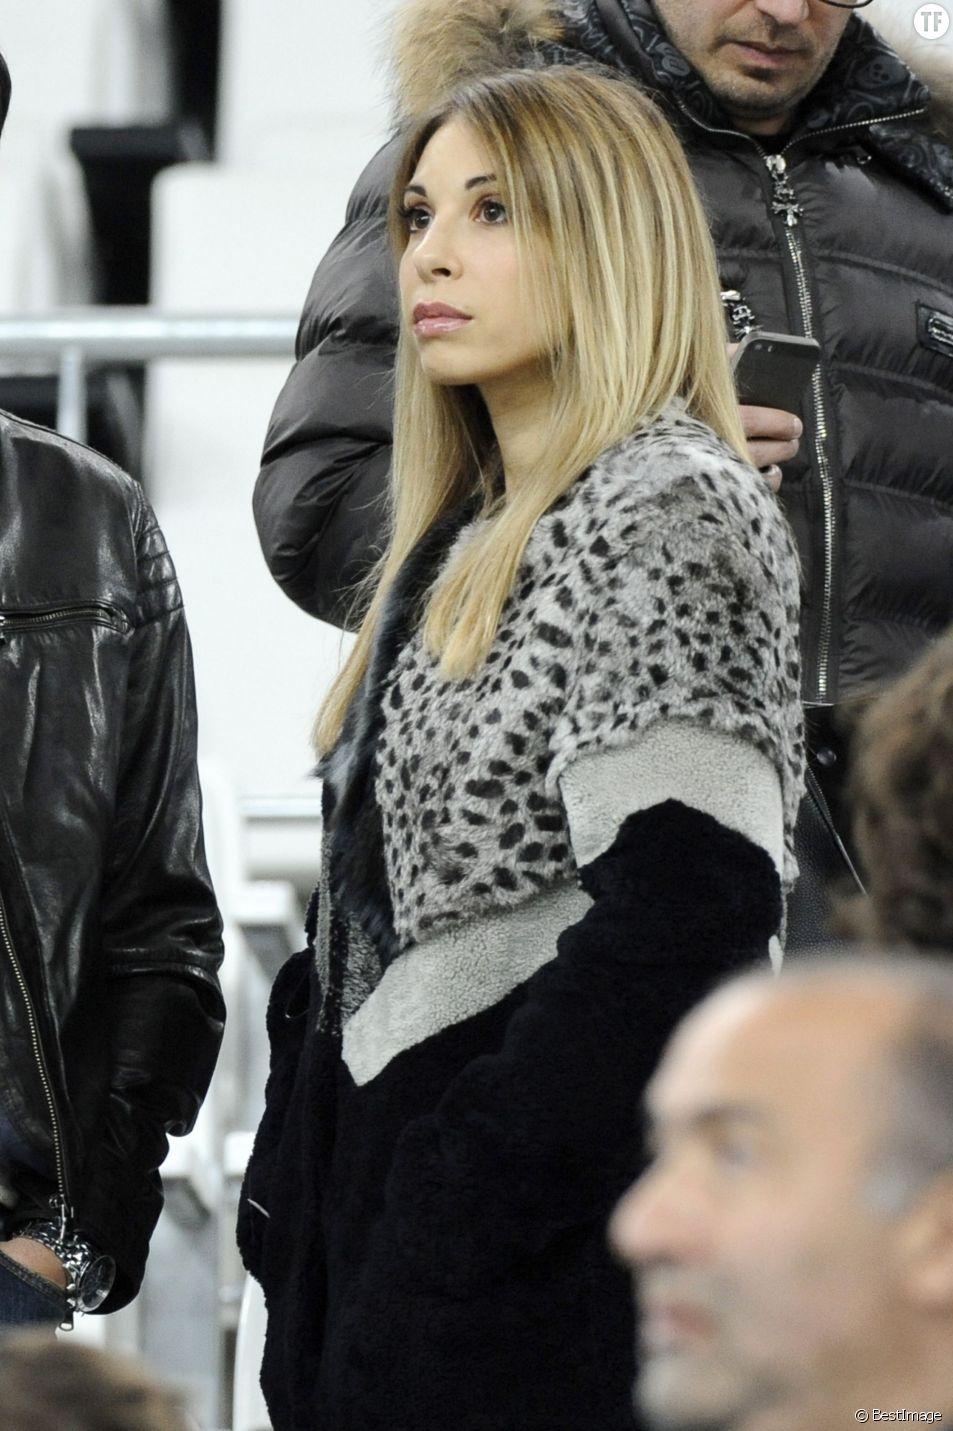 Fanny, la compagne de Mathieu Valbuena - People au match amical France-Suède au stade Vélodrome à Marseille, le 18 novembre 2014.